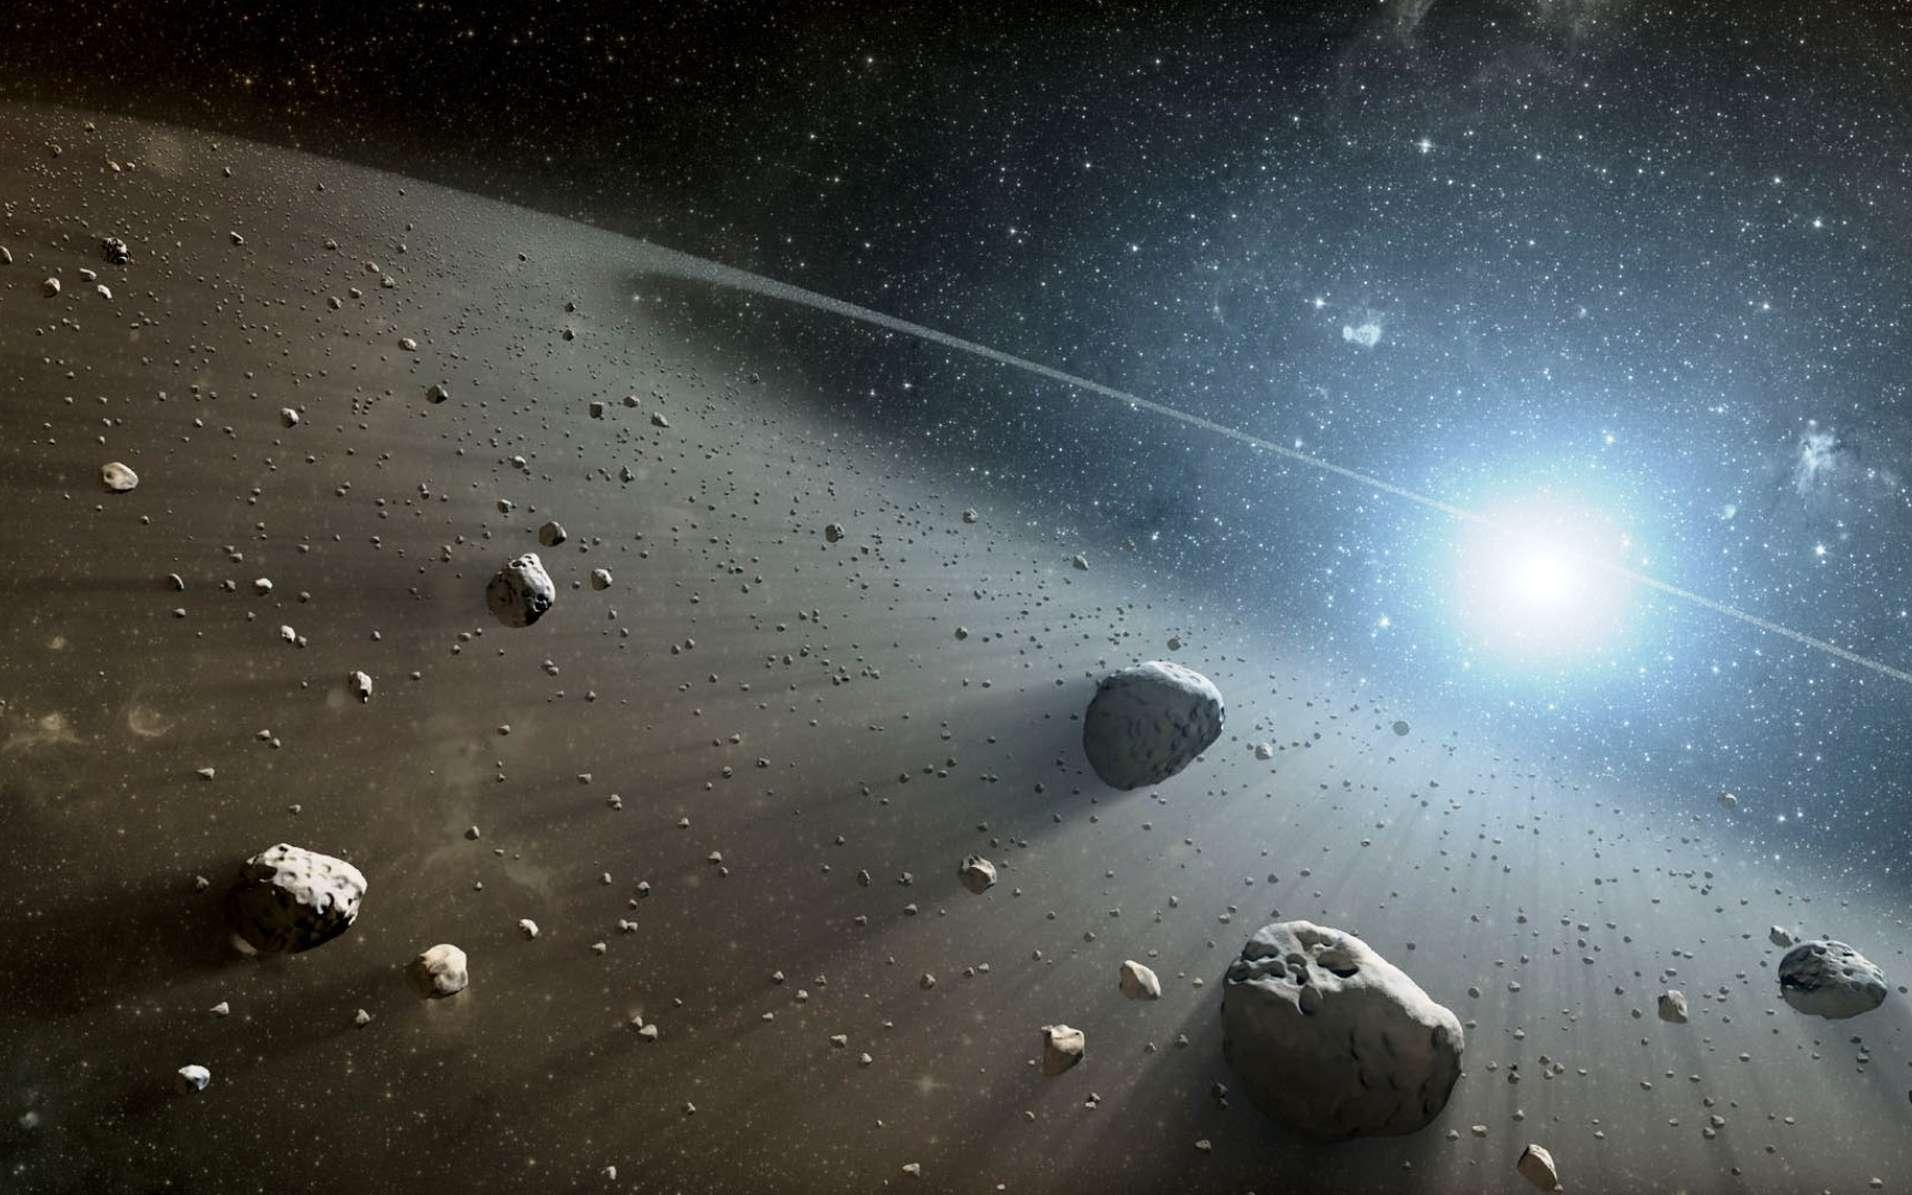 Les astéroïdes et les comètes de la Ceinture de Kuiper sont des vestiges du disque protoplanétaire (dont on voit ici une image d'artiste) où sont nées les planètes il y a environ 4,56 milliards d'années. Dans cette région, les objets sont riches en eau. © Nasa